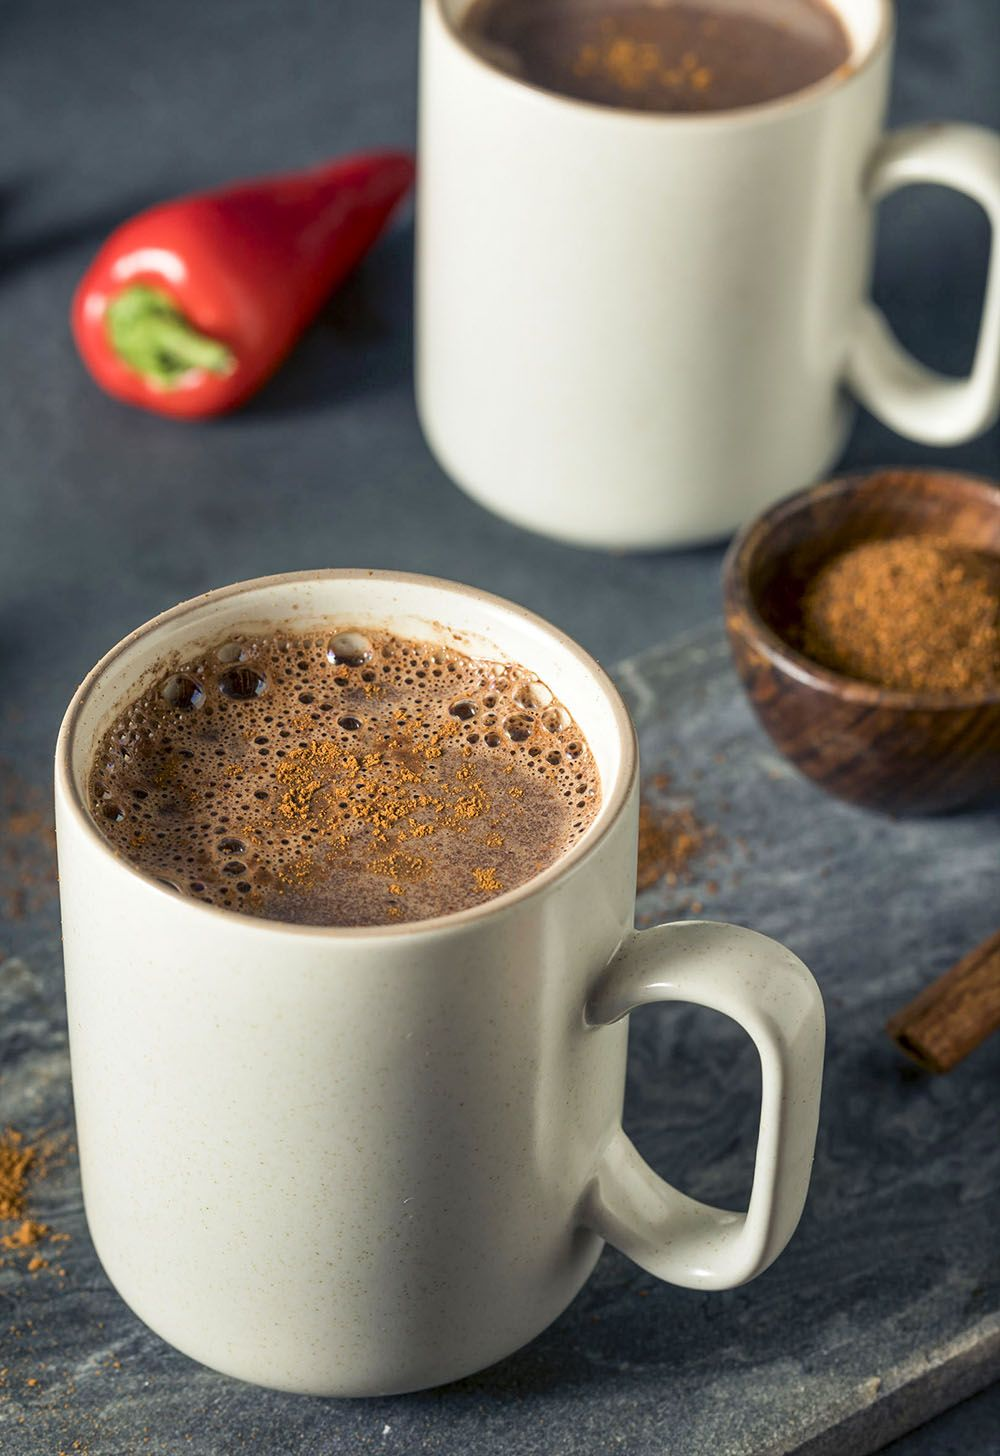 Simple ingredients of cinnamon, coffee, and brown sugar